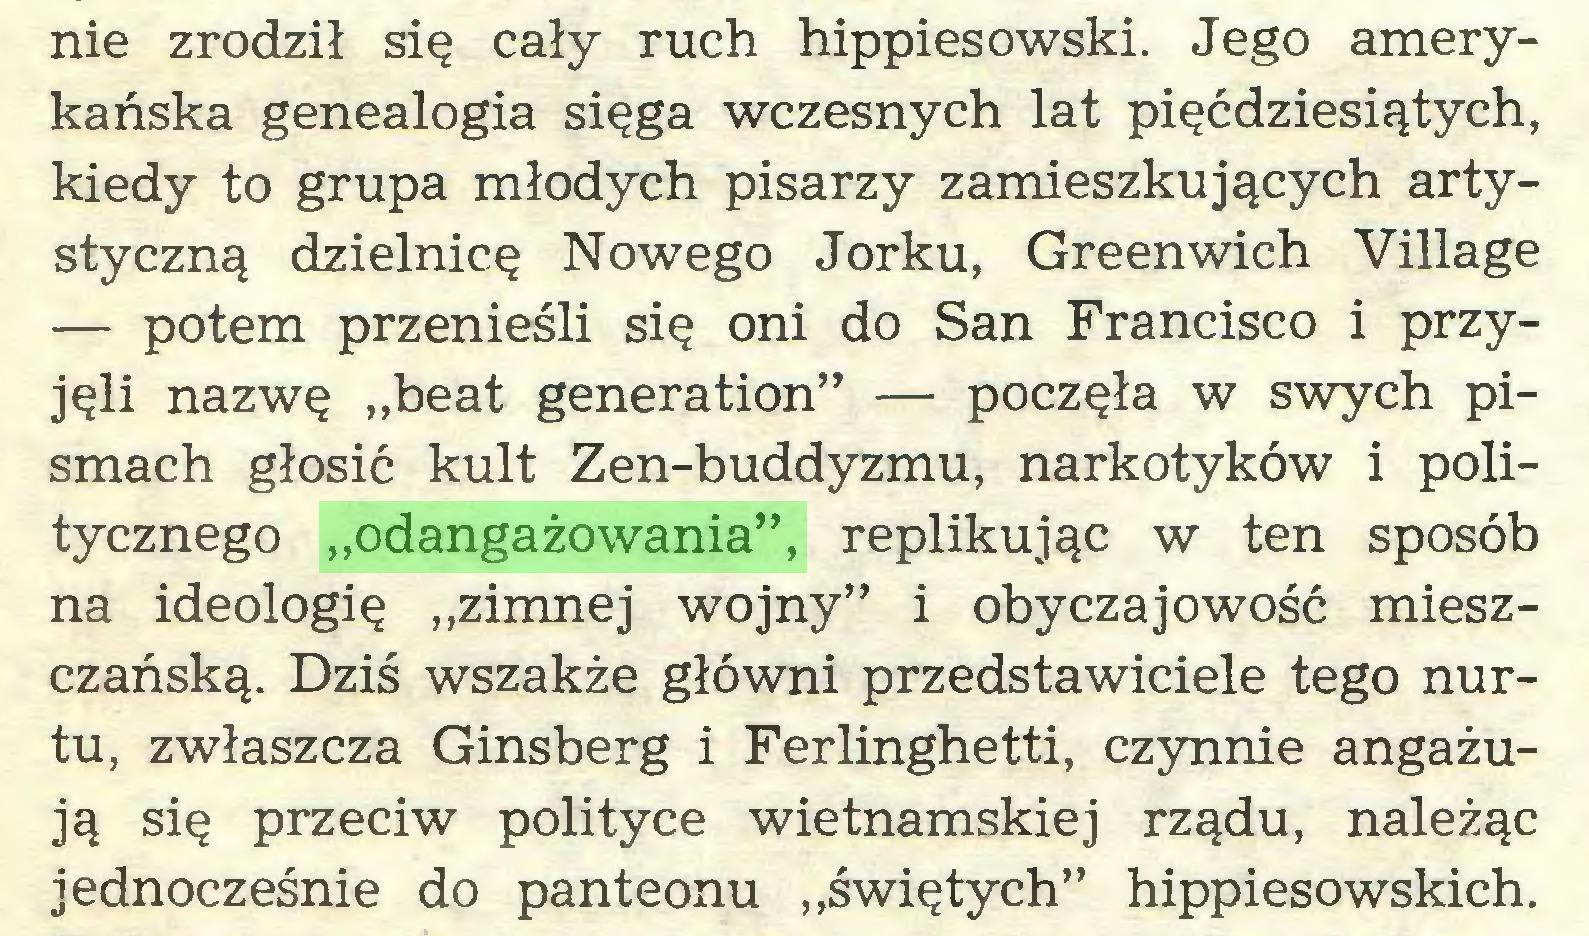 """(...) nie zrodził się cały ruch hippiesowski. Jego amerykańska genealogia sięga wczesnych lat pięćdziesiątych, kiedy to grupa młodych pisarzy zamieszkujących artystyczną dzielnicę Nowego Jorku, Greenwich Village — potem przenieśli się oni do San Francisco i przyjęli nazwę """"beat generation"""" — poczęła w swych pismach głosić kult Zen-buddyzmu, narkotyków i politycznego """"odangażowania"""", replikując w ten sposób na ideologię """"zimnej wojny"""" i obyczajowość mieszczańską. Dziś wszakże główni przedstawiciele tego nurtu, zwłaszcza Ginsberg i Ferlinghetti, czynnie angażują się przeciw polityce wietnamskiej rządu, należąc jednocześnie do panteonu """"świętych"""" hippiesowskich..."""